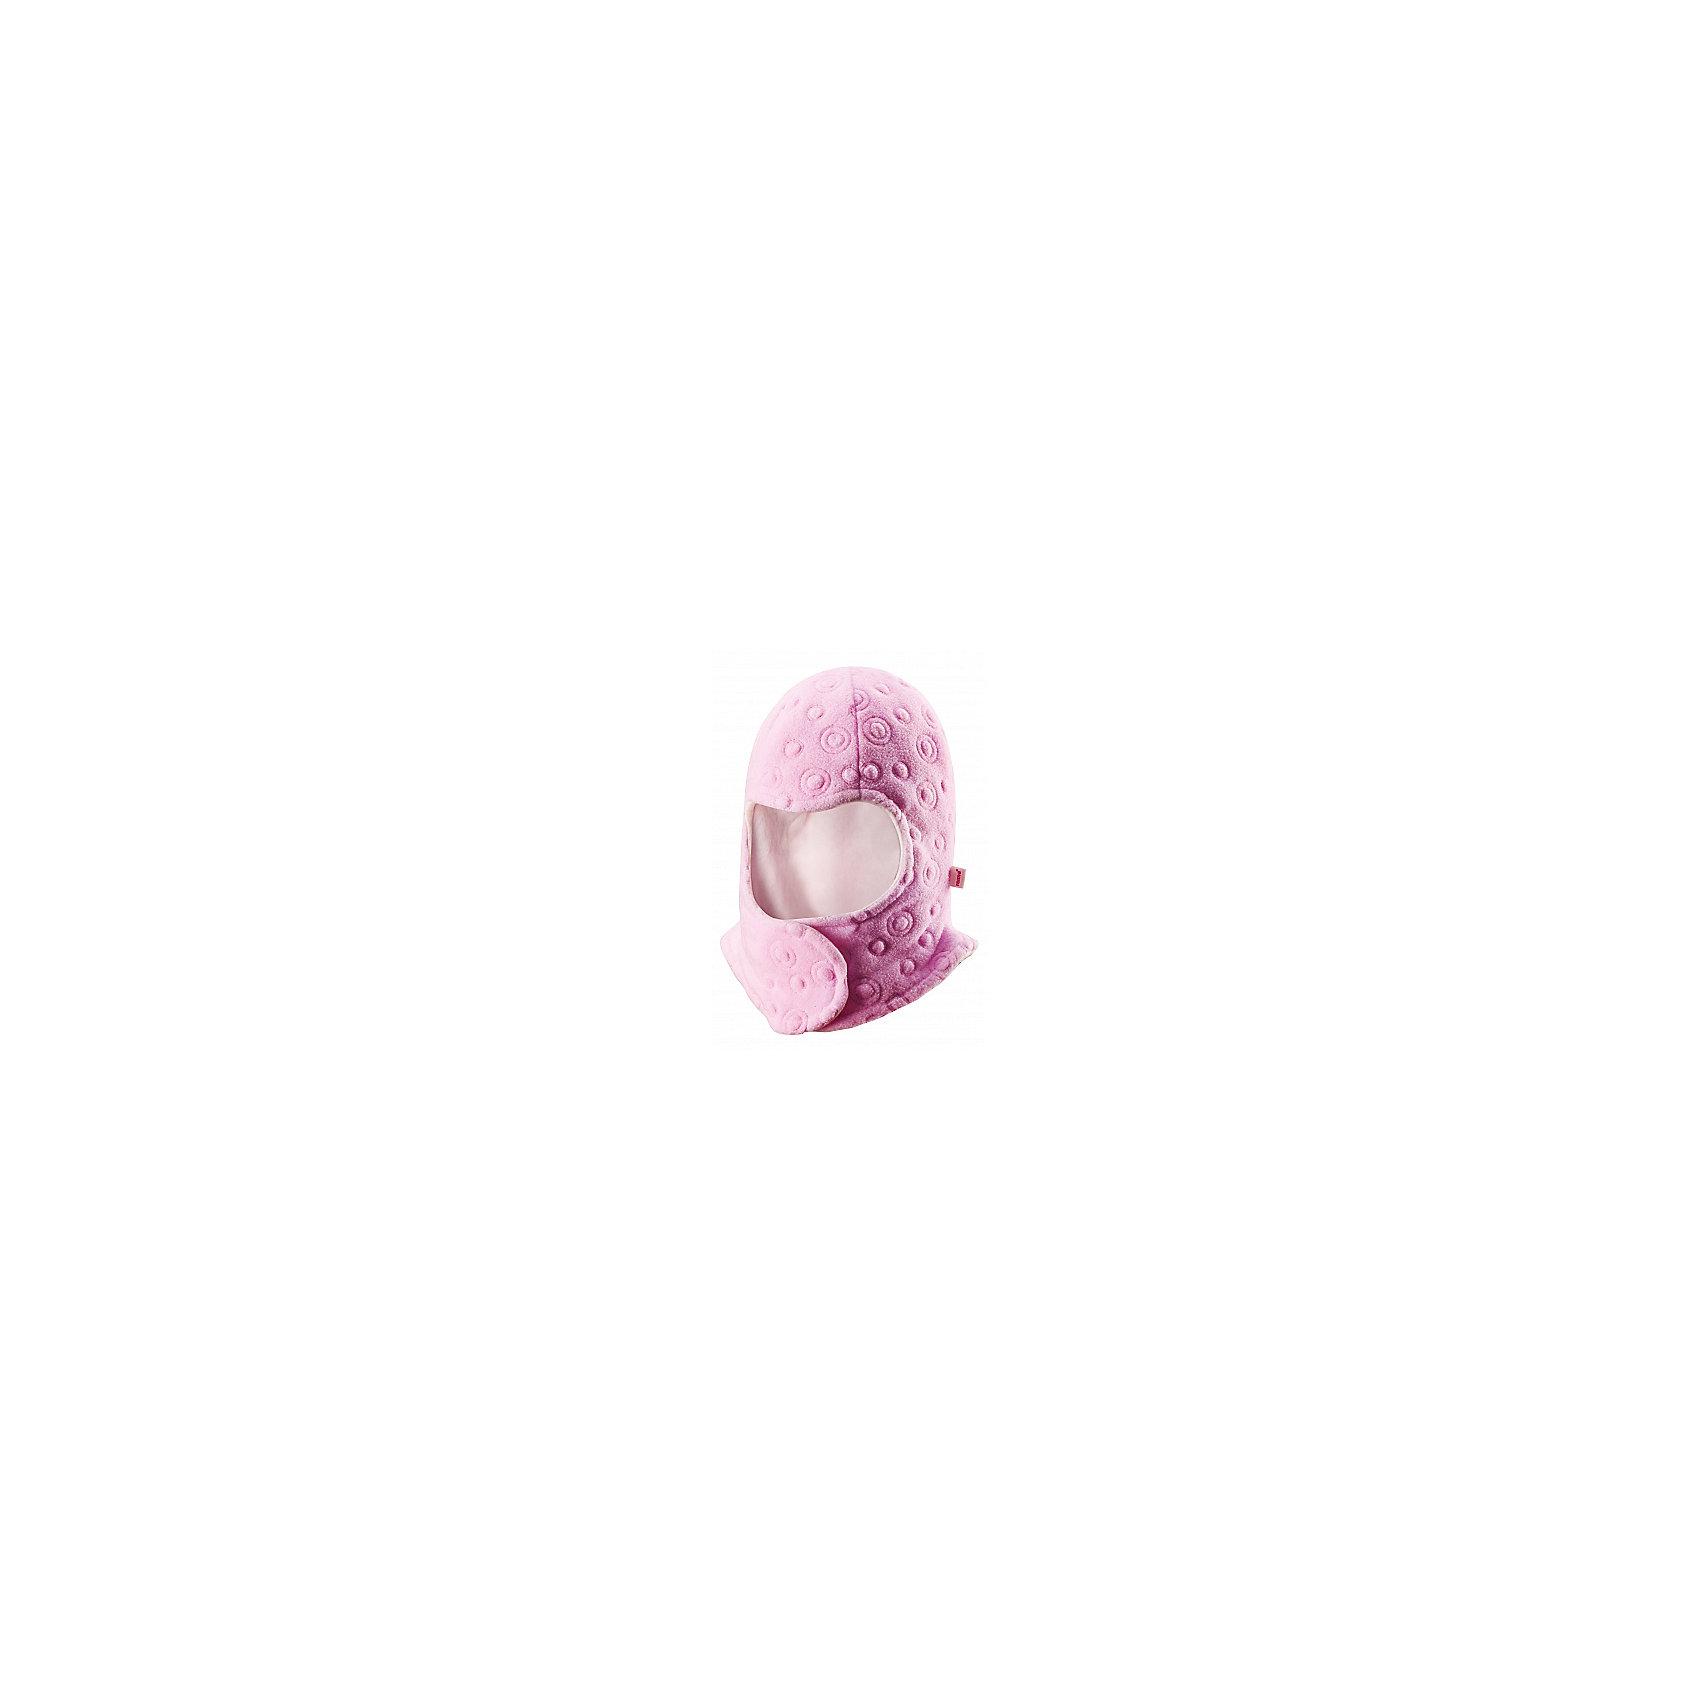 Шапка-шлем для девочки ReimaЗабавная, но в то же время функциональная балаклава - одна из наших новейших разработок! Предназначен для новорожденных и младенцев. Очень удобная липучка спереди облегчает одевание. Продуманный дизайн обеспечивает надежную защиту подбородка, шеи и щечек ребенка, а вставки в области ушей позволяют держать маленькие ушки в тепле! Легкая мягкая хлопчатобумажная подкладка не раздражает кожу, отлично подходит для зимы. Прекрасно сочетается с варежками Tyst!<br><br>Детская балаклава из флиса с вышивкой <br>Задние швы отсутствуют<br>Легкая мягкая хлопчатобумажная подкладка с начесом<br>Ветронепроницаемые вставки в области ушей<br>Спереди на липучке<br>Сочетается с варежками 517116 Tyst<br>Состав:<br>100% ПЭ<br><br><br>Шапку-шлем Reima (Рейма) можно купить в нашем магазине.<br><br>Ширина мм: 89<br>Глубина мм: 117<br>Высота мм: 44<br>Вес г: 155<br>Цвет: розовый<br>Возраст от месяцев: 4<br>Возраст до месяцев: 6<br>Пол: Женский<br>Возраст: Детский<br>Размер: 44-46,40,36<br>SKU: 4208586